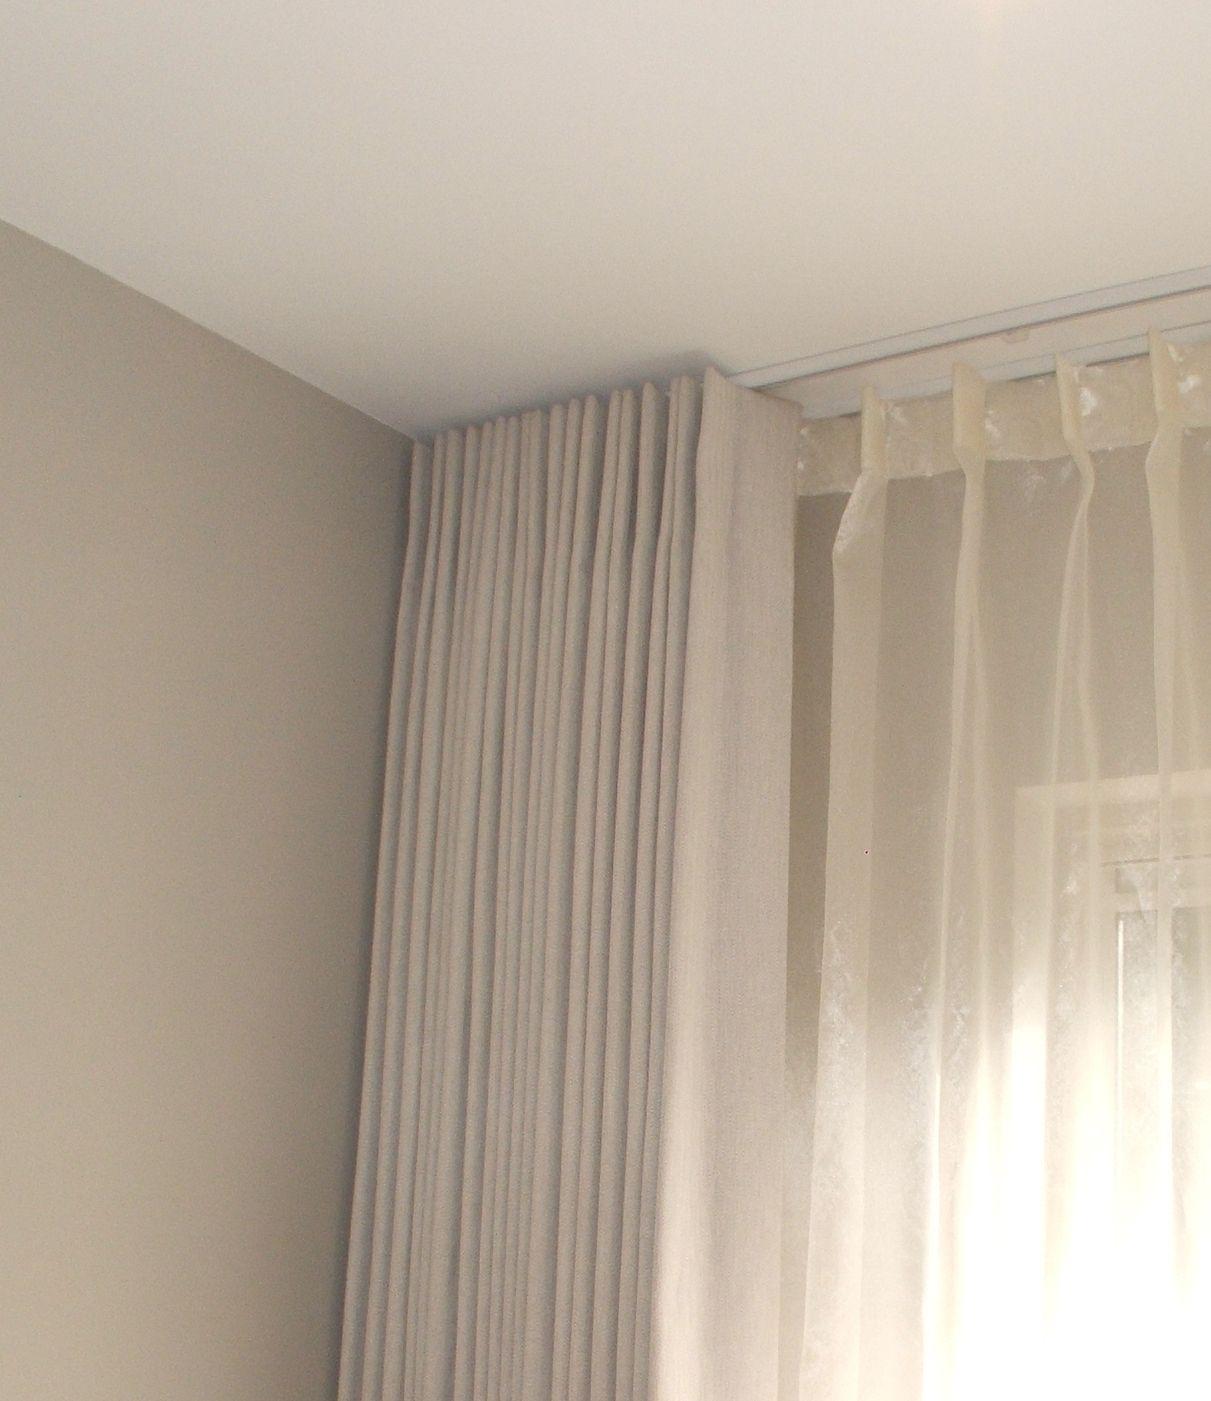 Discreet White Tracks Sitting Flush To Ceiling To Achieve